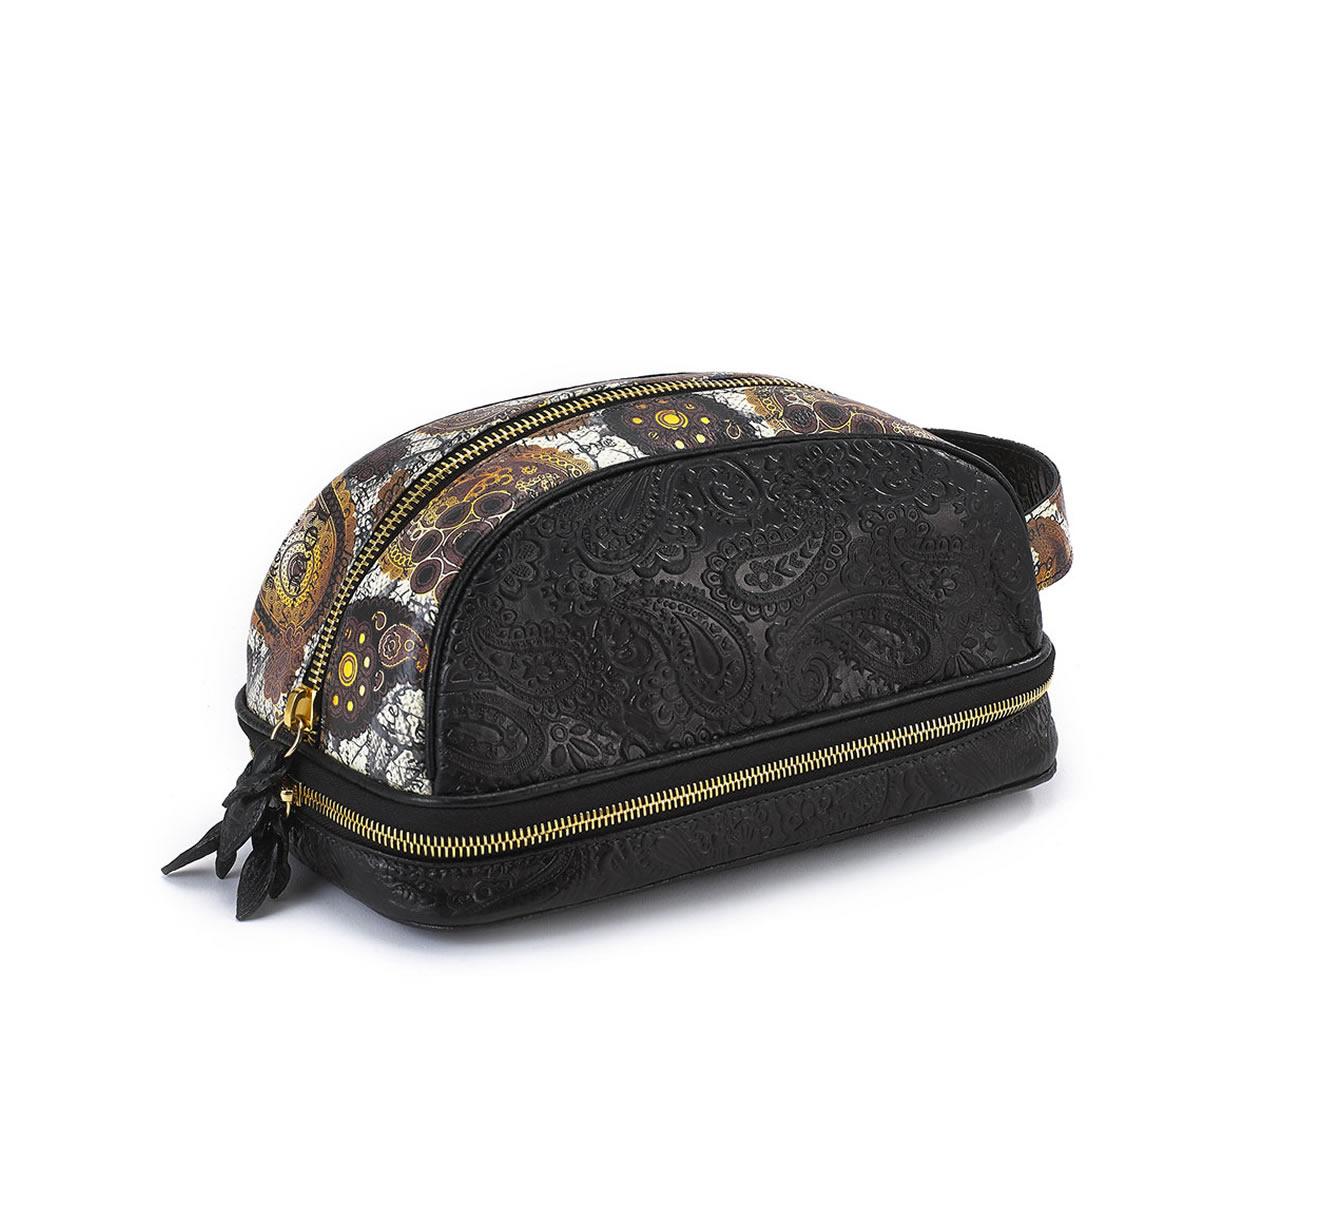 DOPP KIT BLACK EMBOSSED GOLD RUST PAISLEY bag